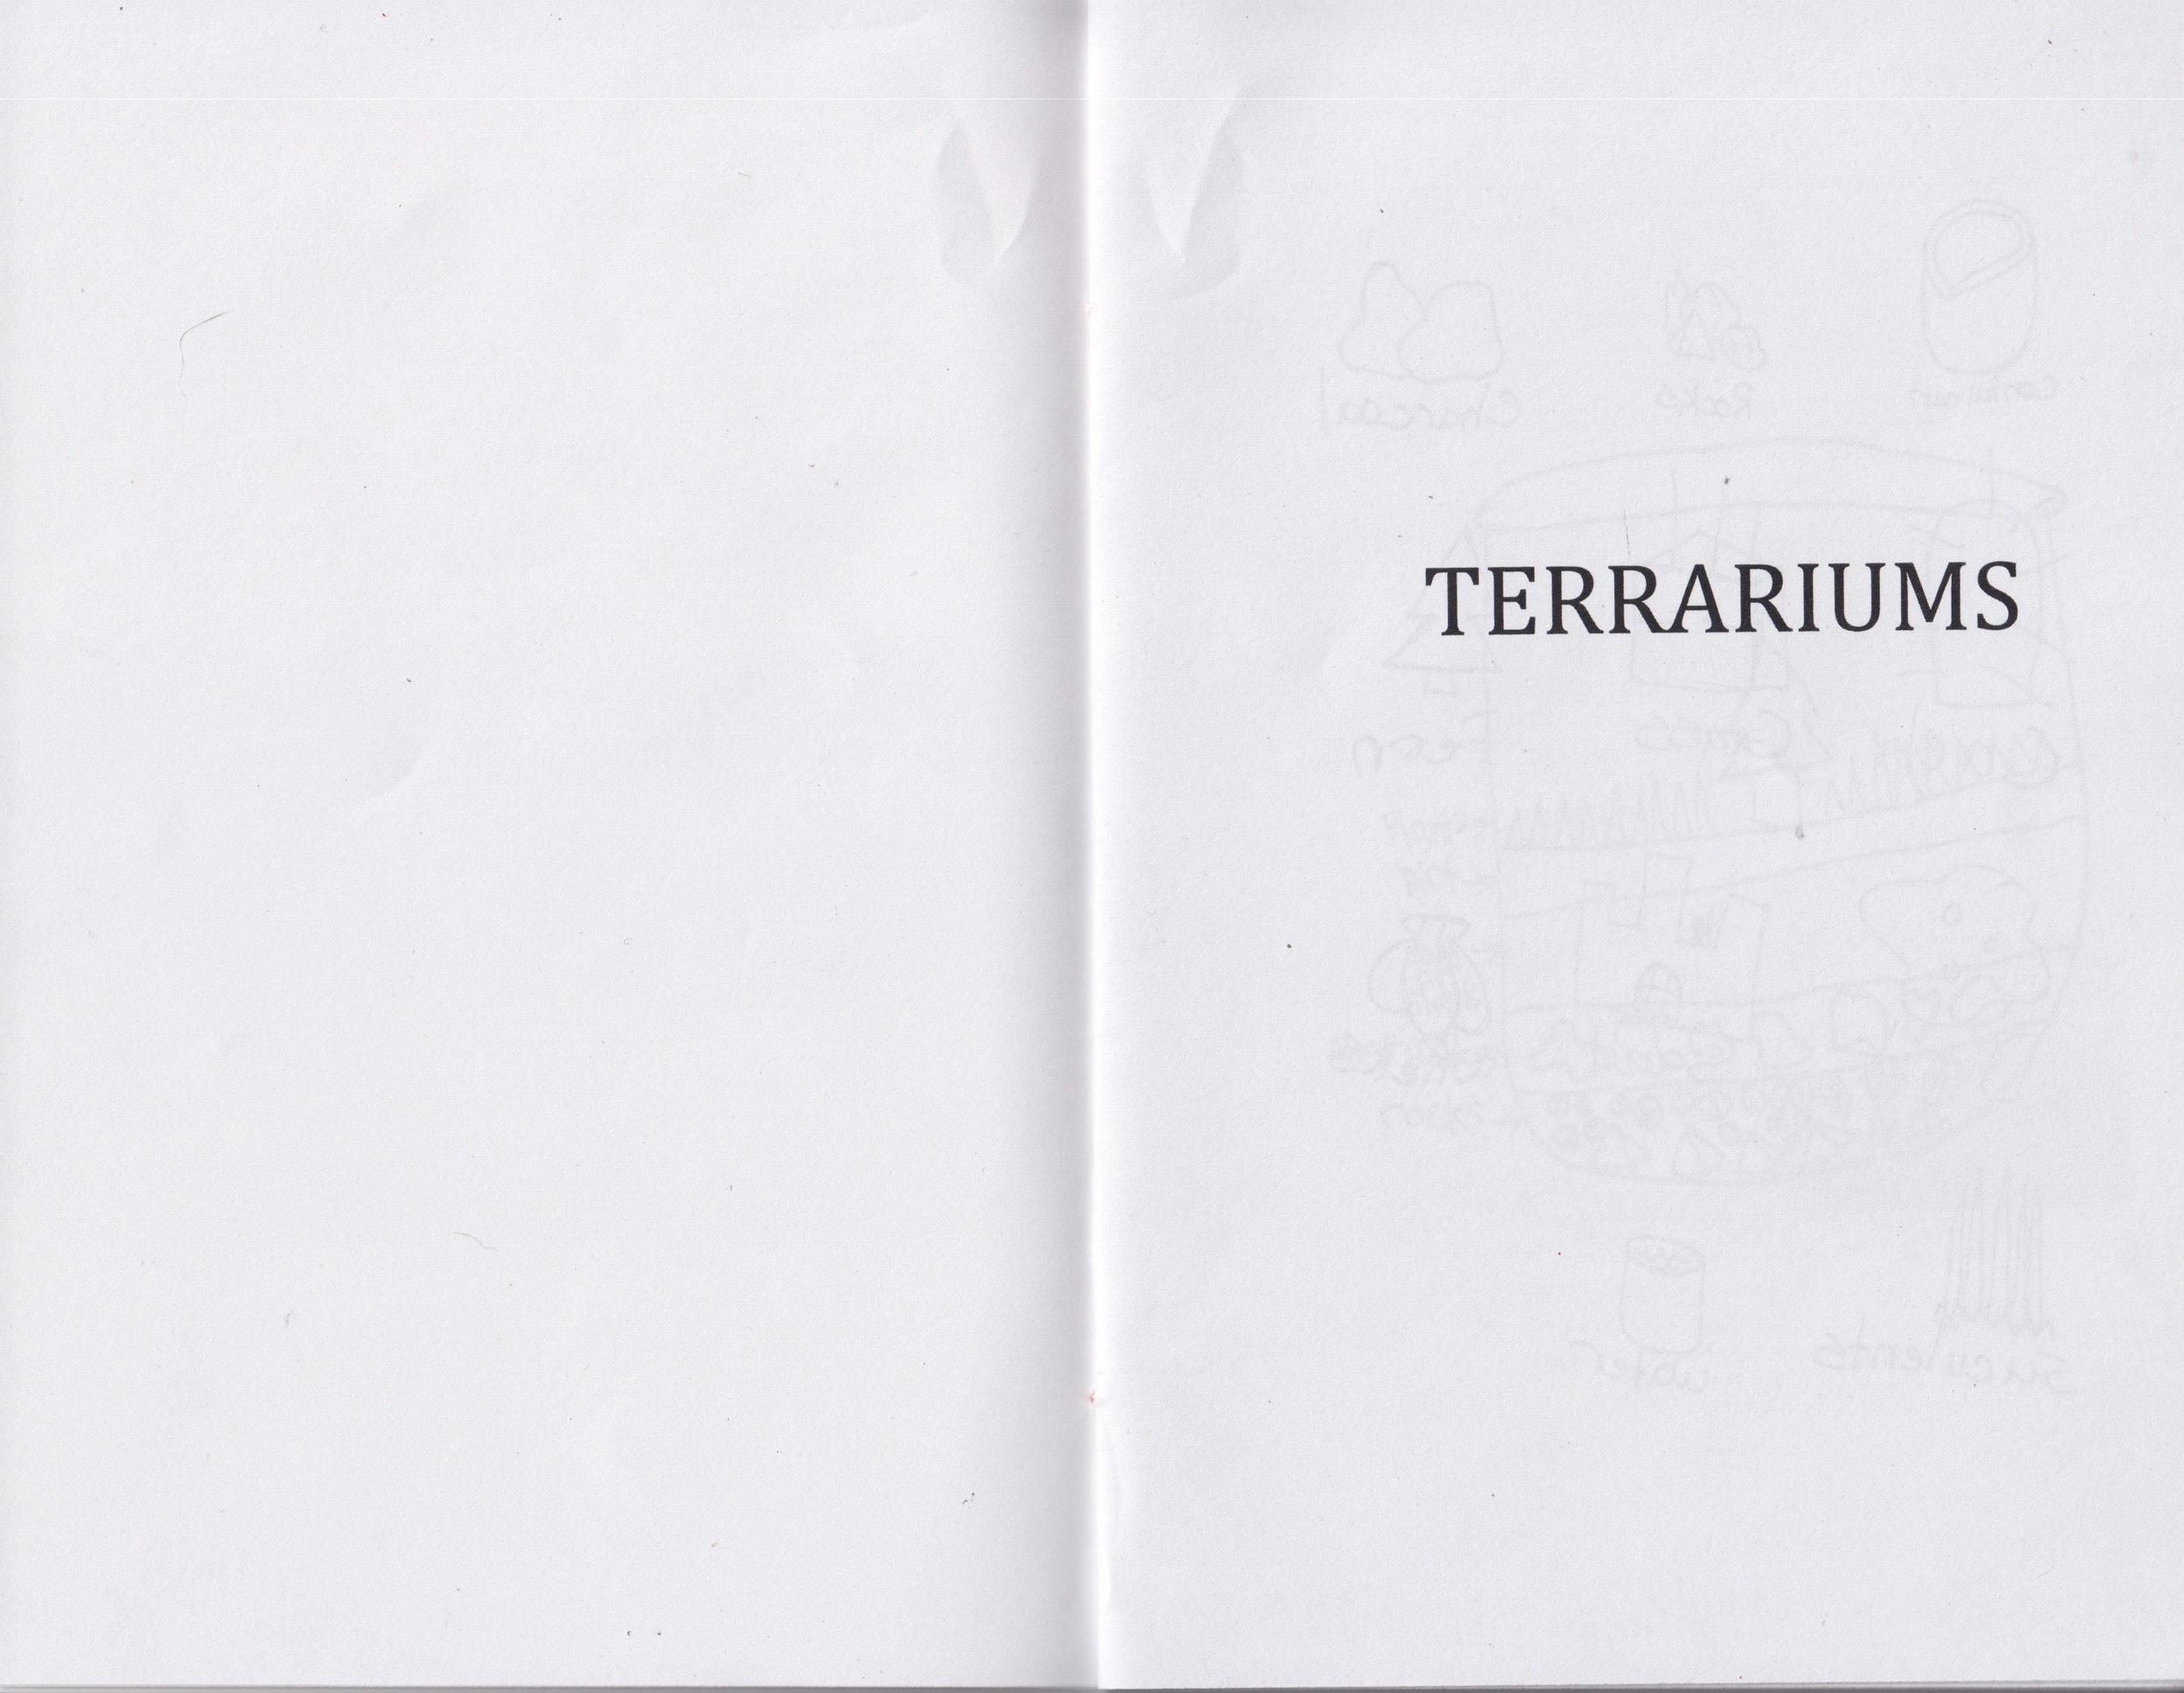 Centro terrarium zine_01.jpeg